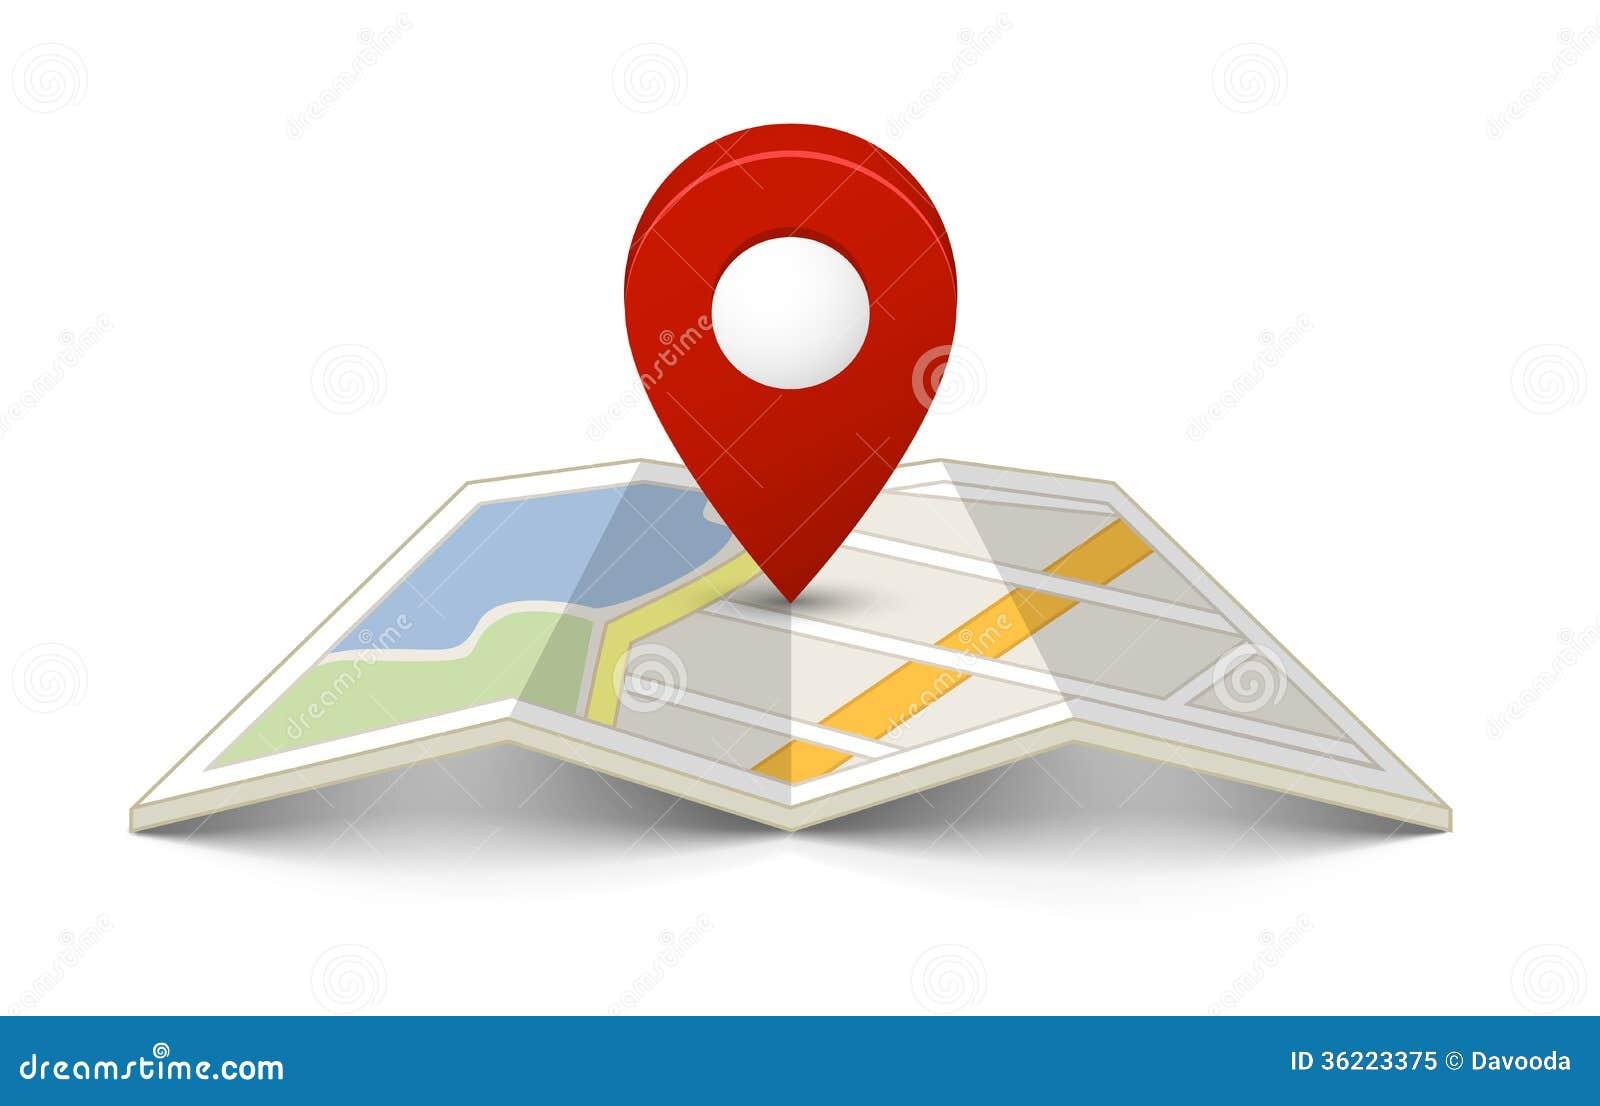 Mapa com um pino